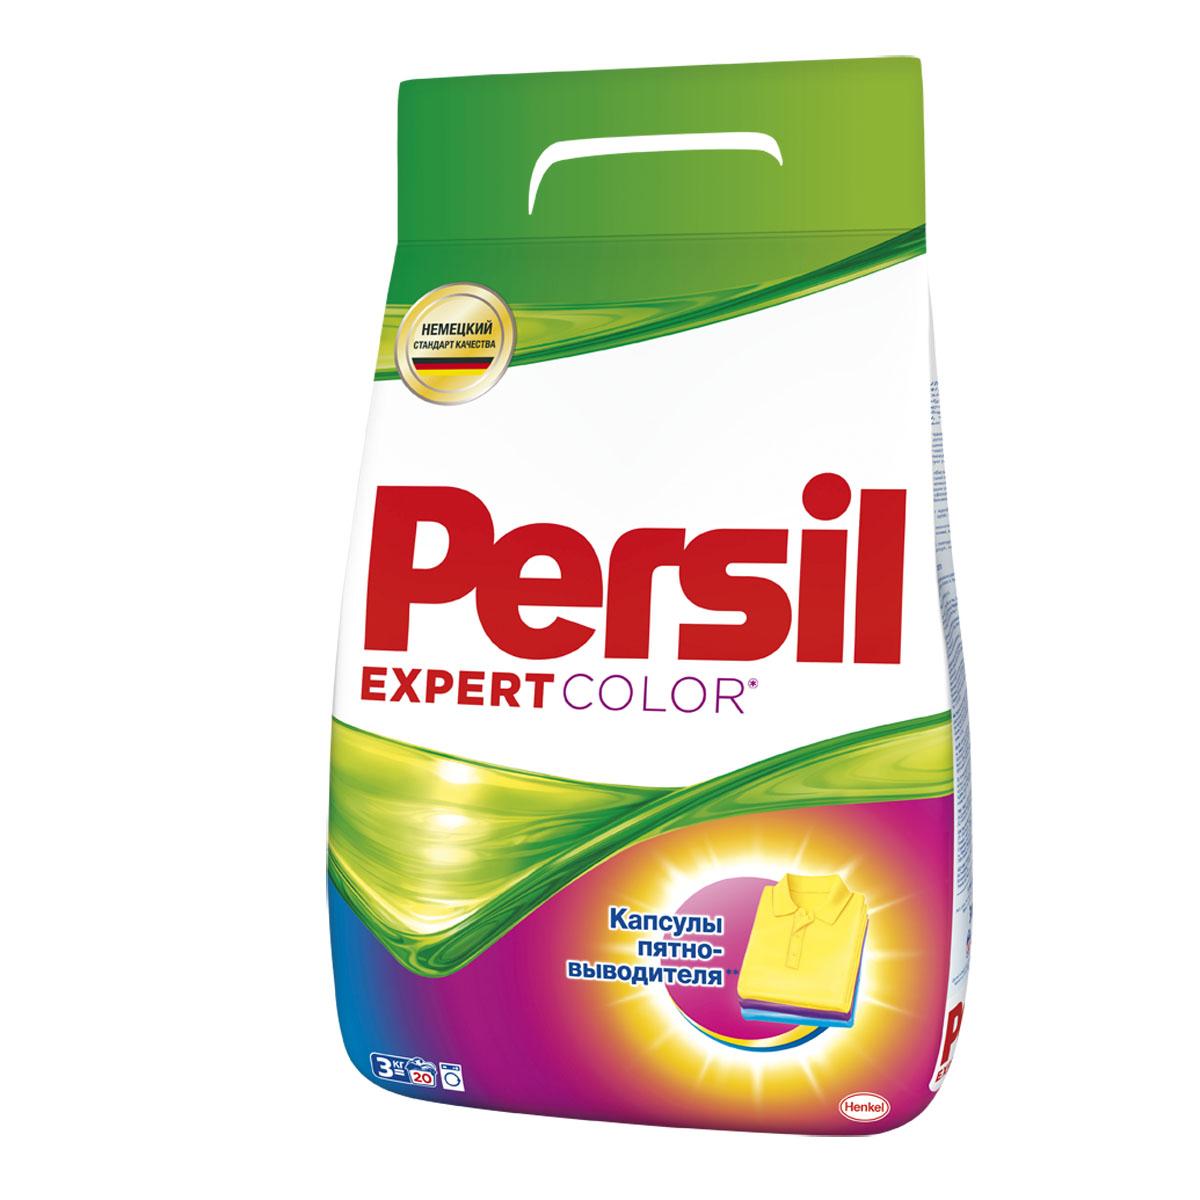 Стиральный порошок Persil Expert Color, 3 кг902492Средство моющее синтетическое универсальное Persil expert color. Предназначено для стирки цветных изделий из хлопчатобумажных, льняных, синтетических тканей и тканей из смешанных волокон вручную и в стиральных машинах любого типа и ручной стирки в воде любой жесткости. В состав входят цветозащитные компоненты, сохраняющие яркость цветов ткани, а также смягчающие воду вещества, защищающие стиральную машину от образования известкового налета. Состав: 5-15% анионные ПАВ; Товар сертифицирован.